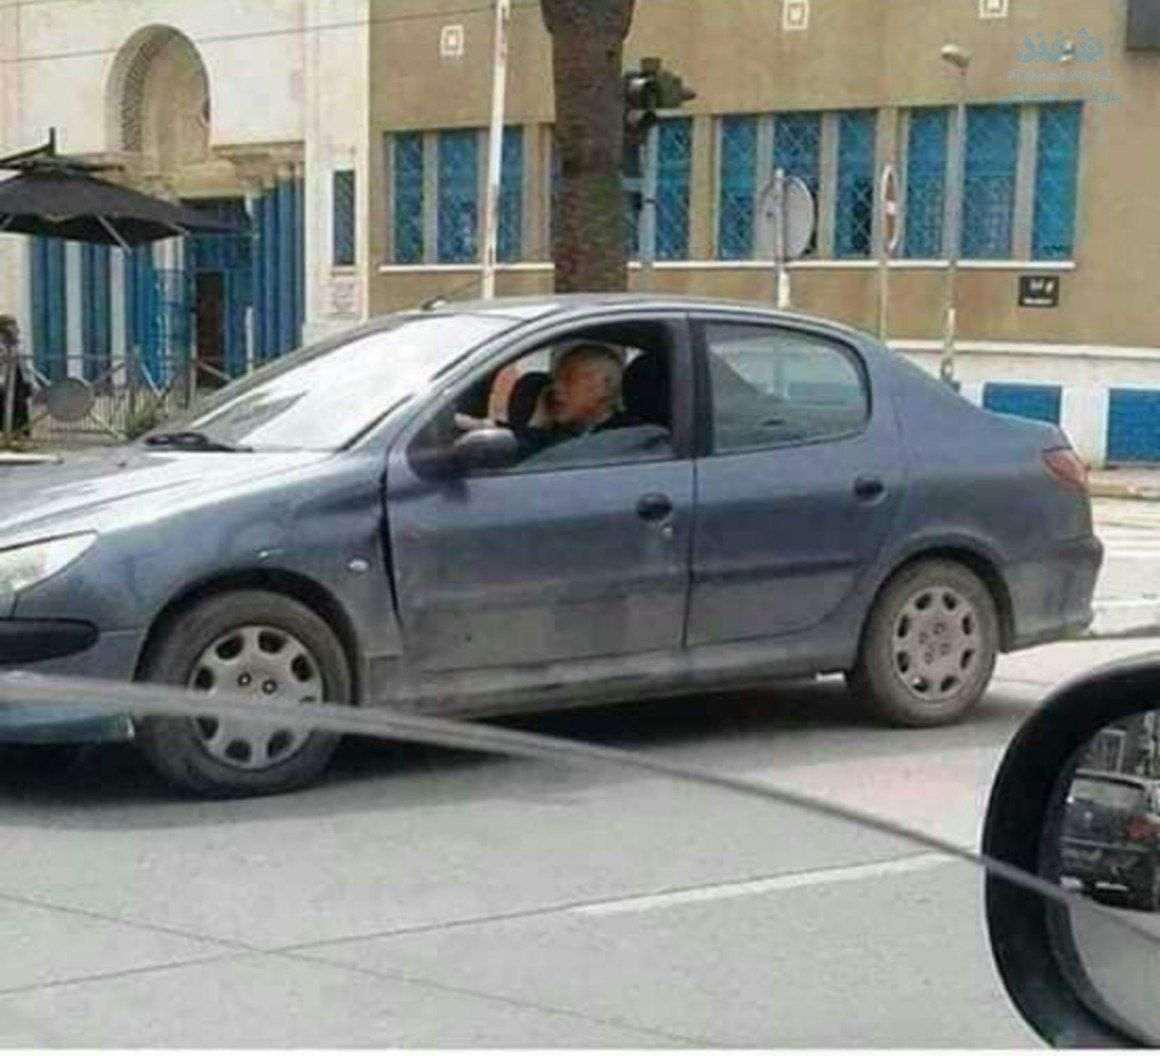 رئیس جمهوری که با خودروی ساخت ایران تردد میکند+تصویر